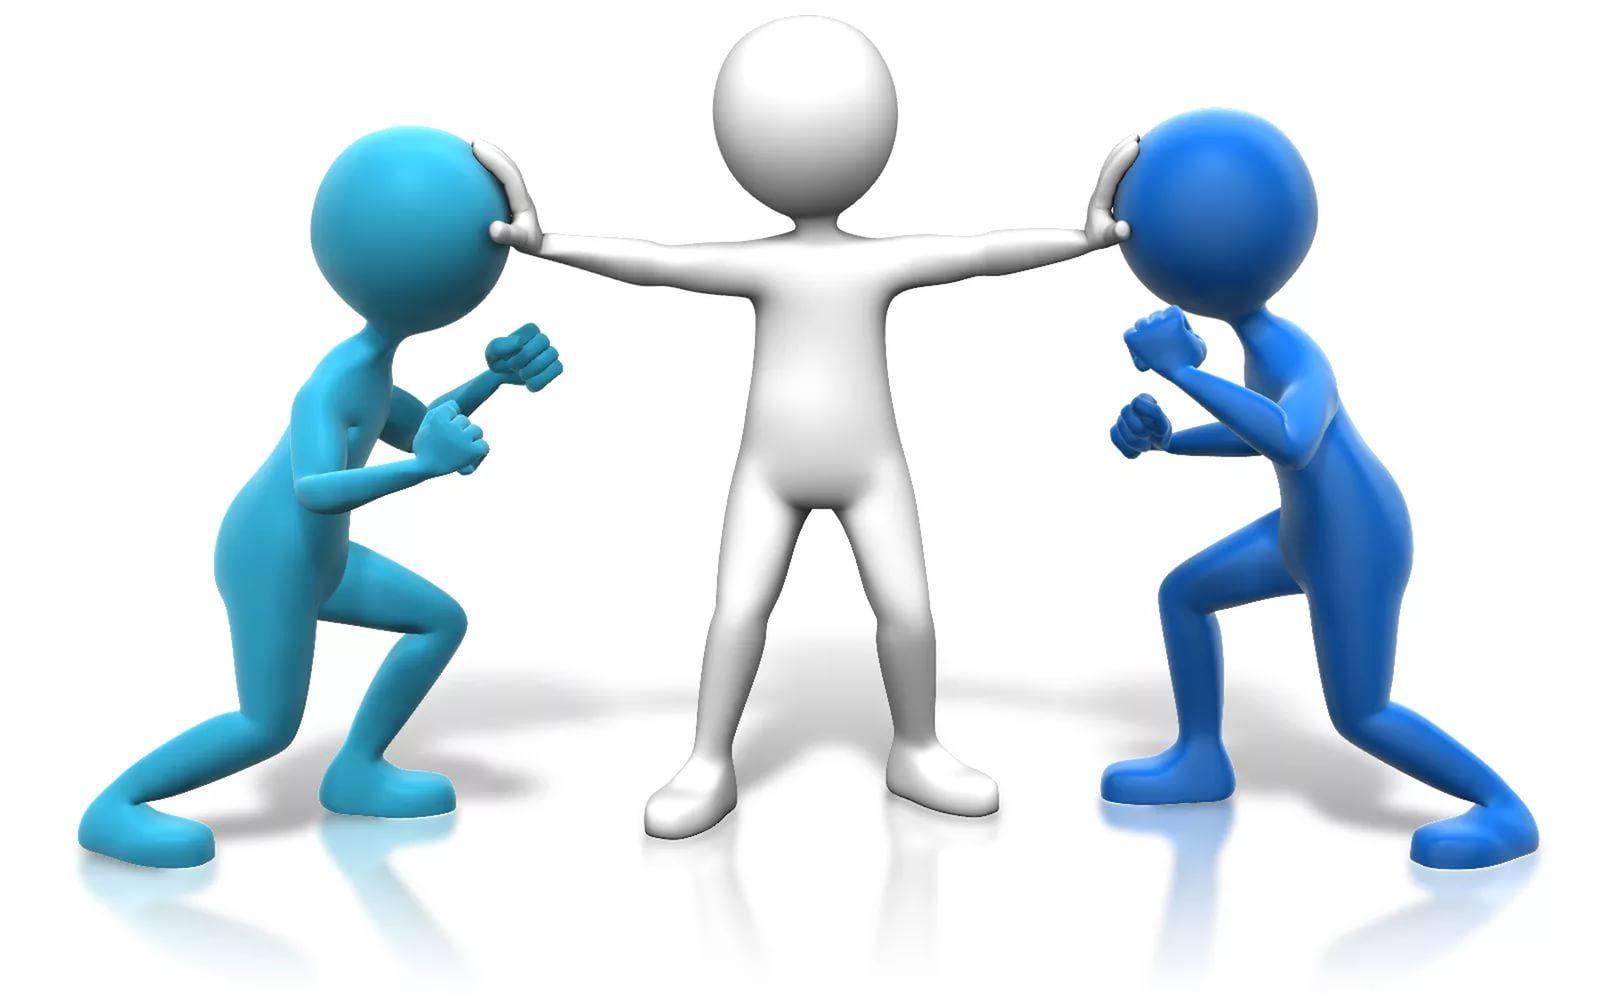 Способы воздействия на противника в конфликте